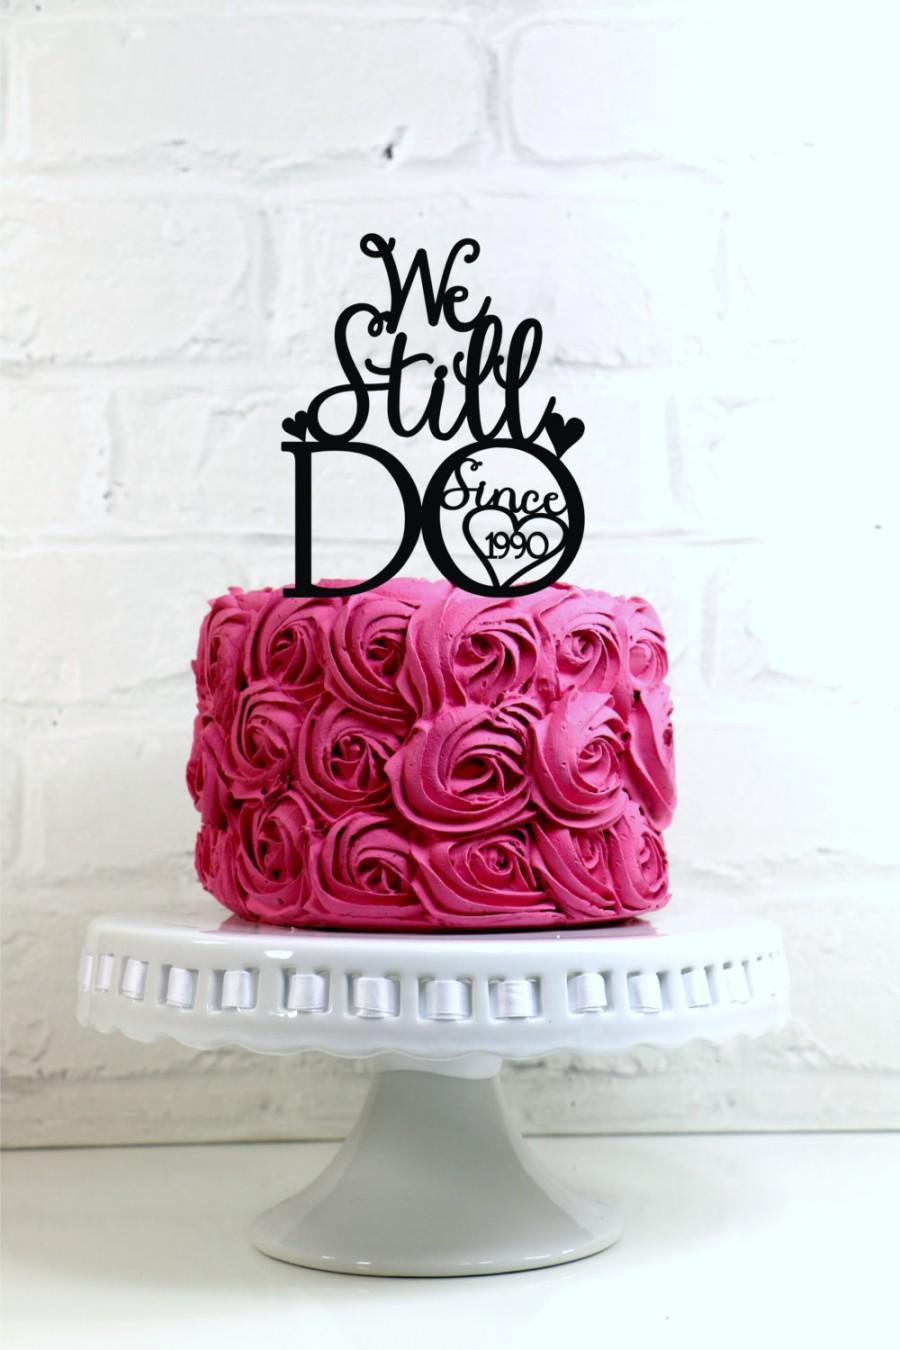 """زفاف - We Still Do Since """"Your Year"""" Vow Renewal or Anniversary Cake Topper or Sign"""